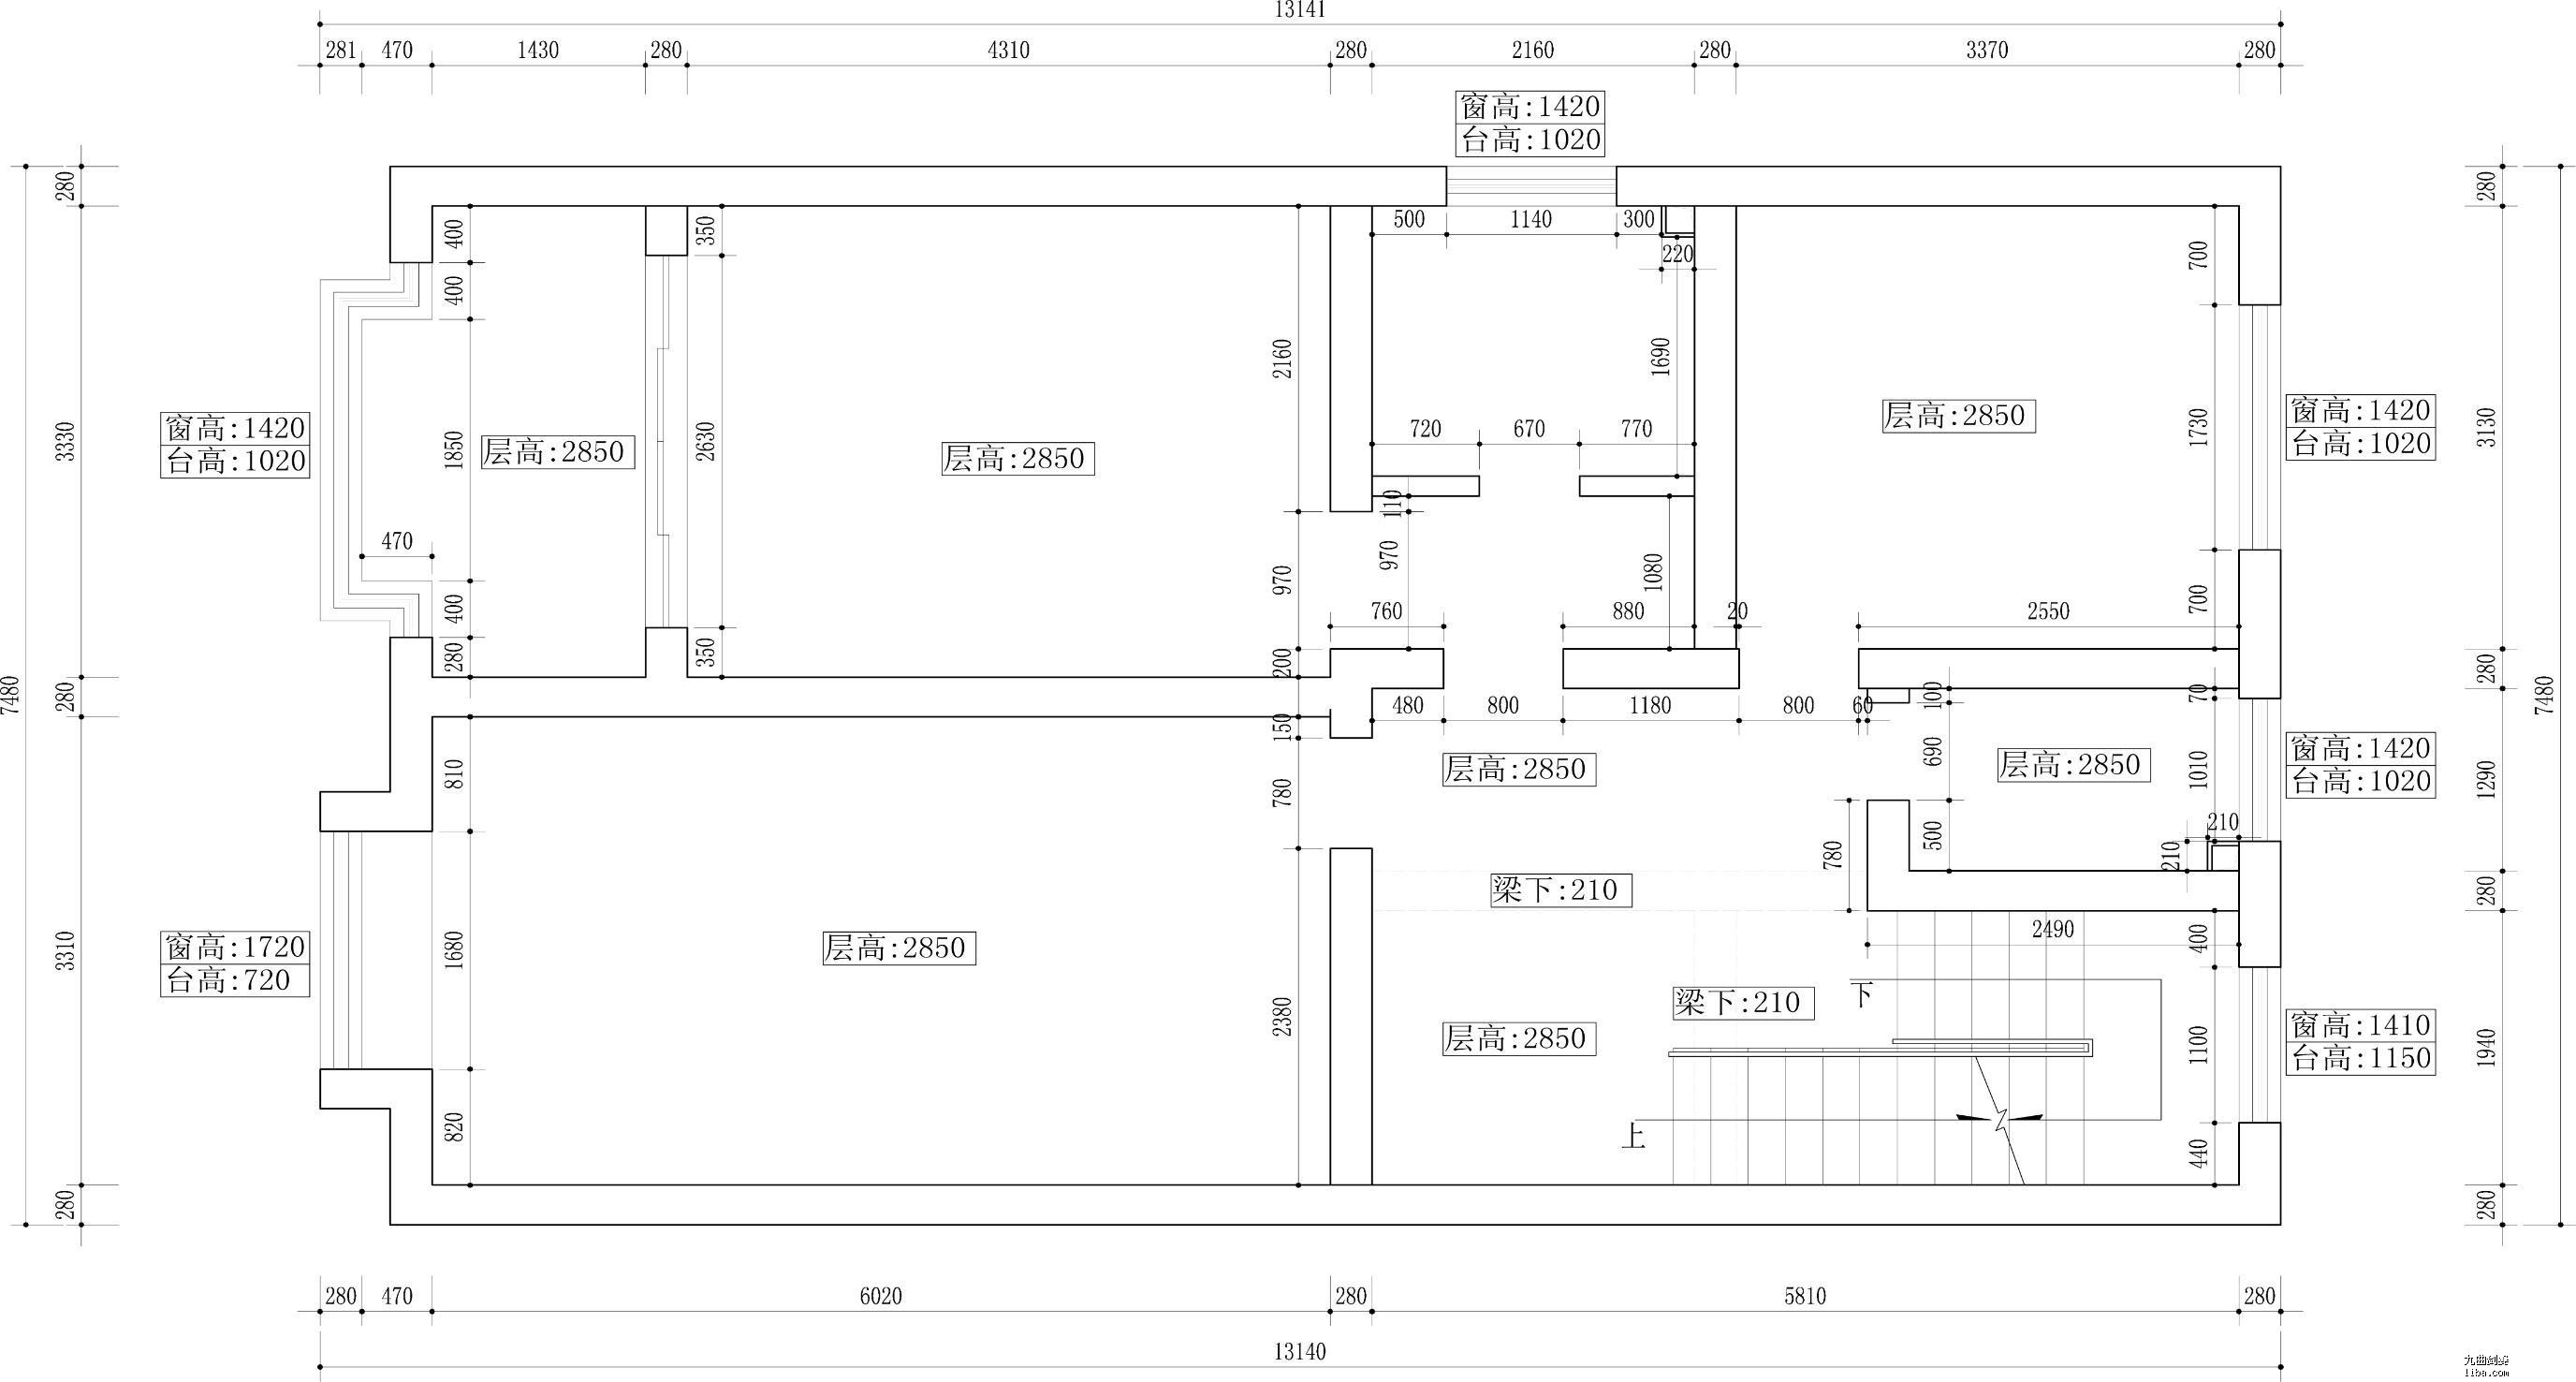 二楼原始图.jpg